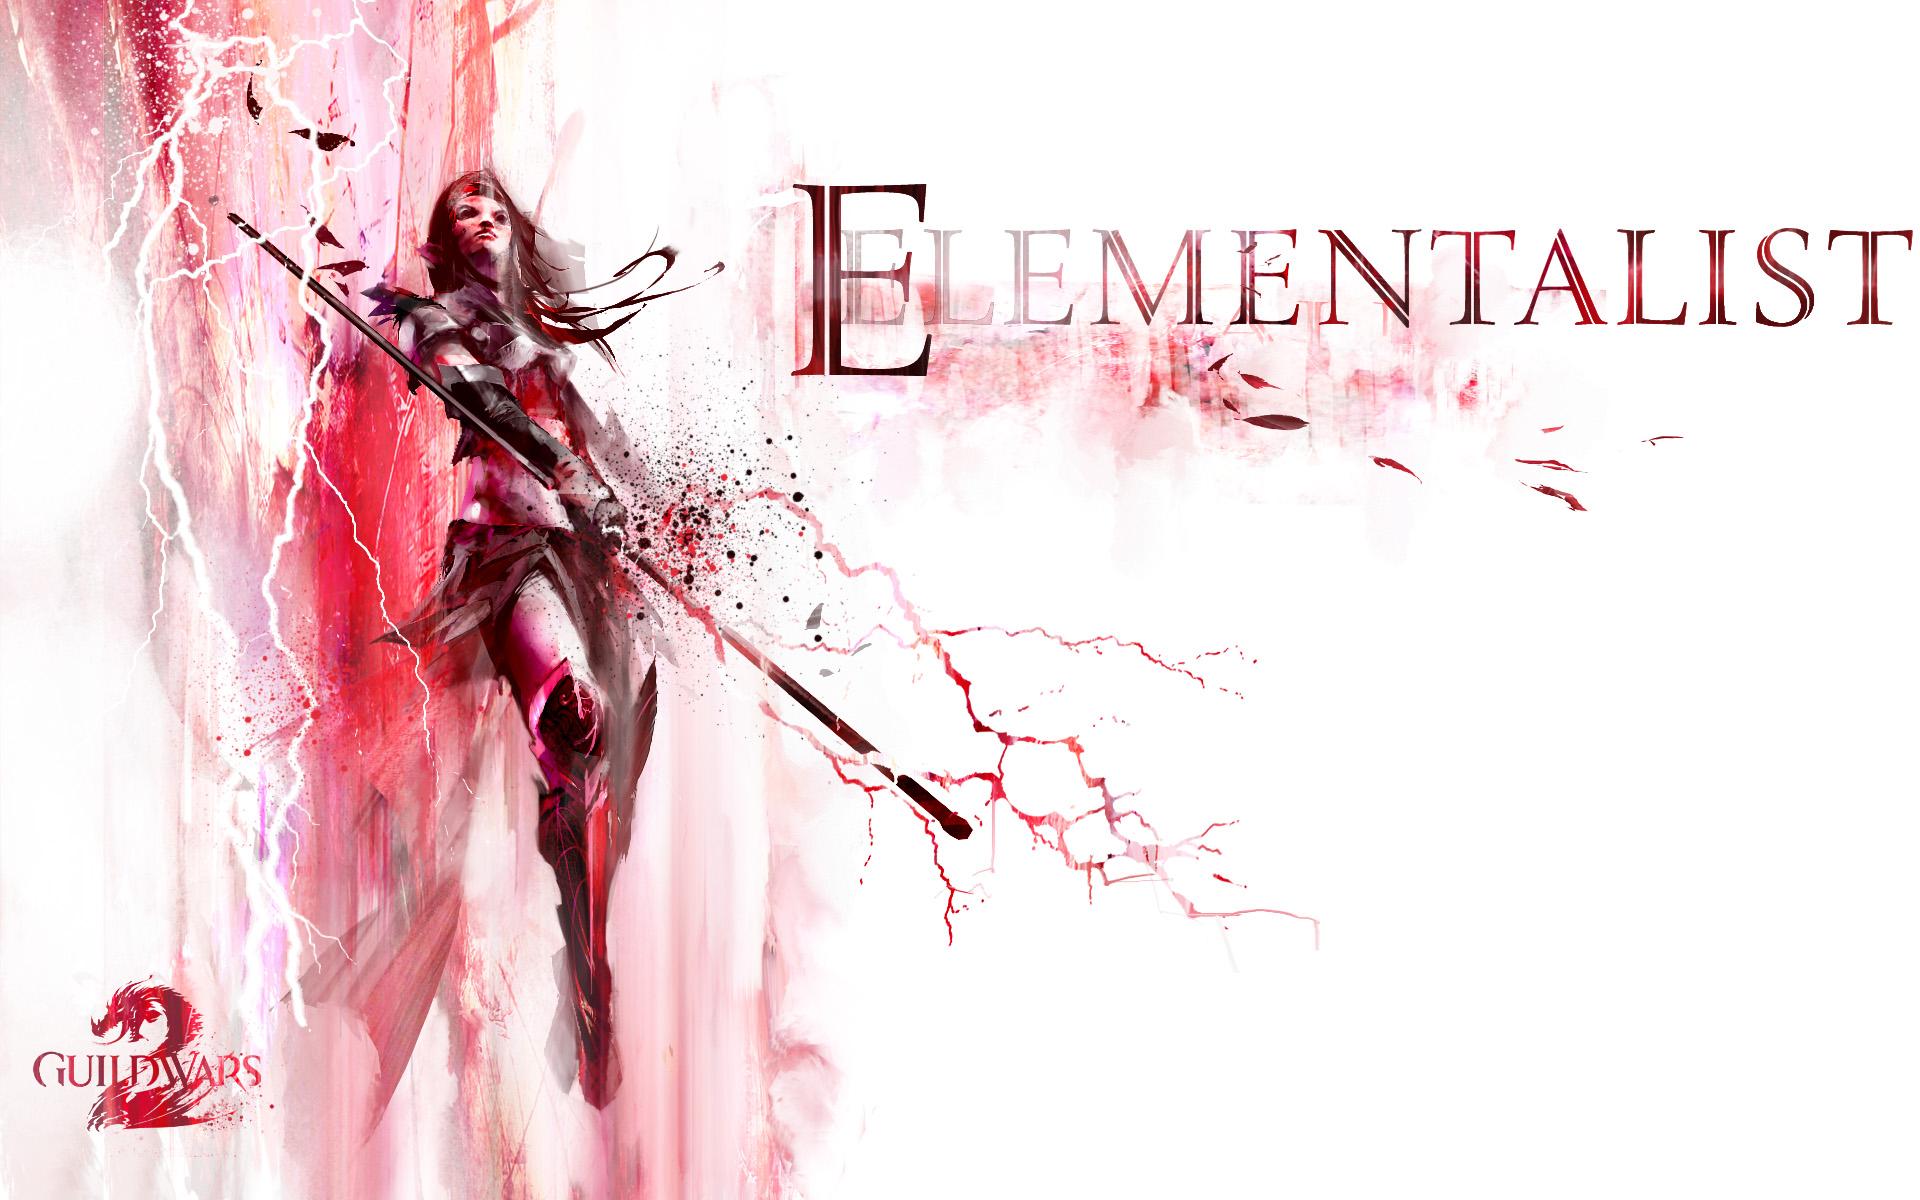 Guild Wars 2 Elementalist Wallpaper